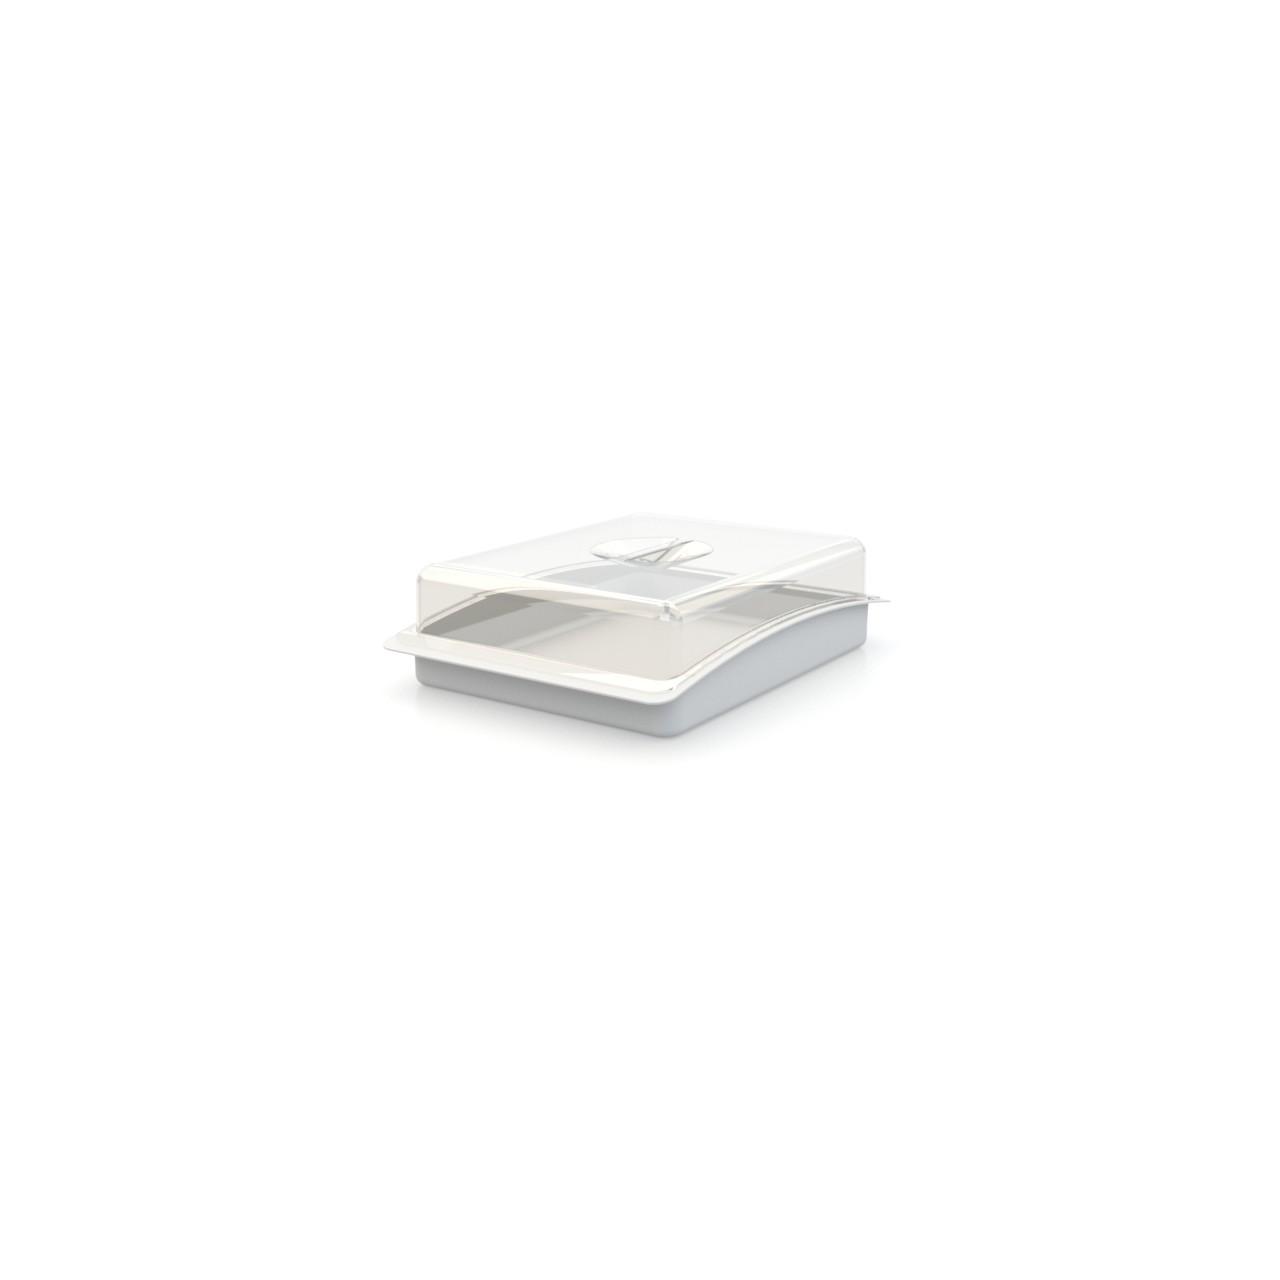 Porta-frios de Plastico com Tampa 22x1670 cm Utility Branco - 175